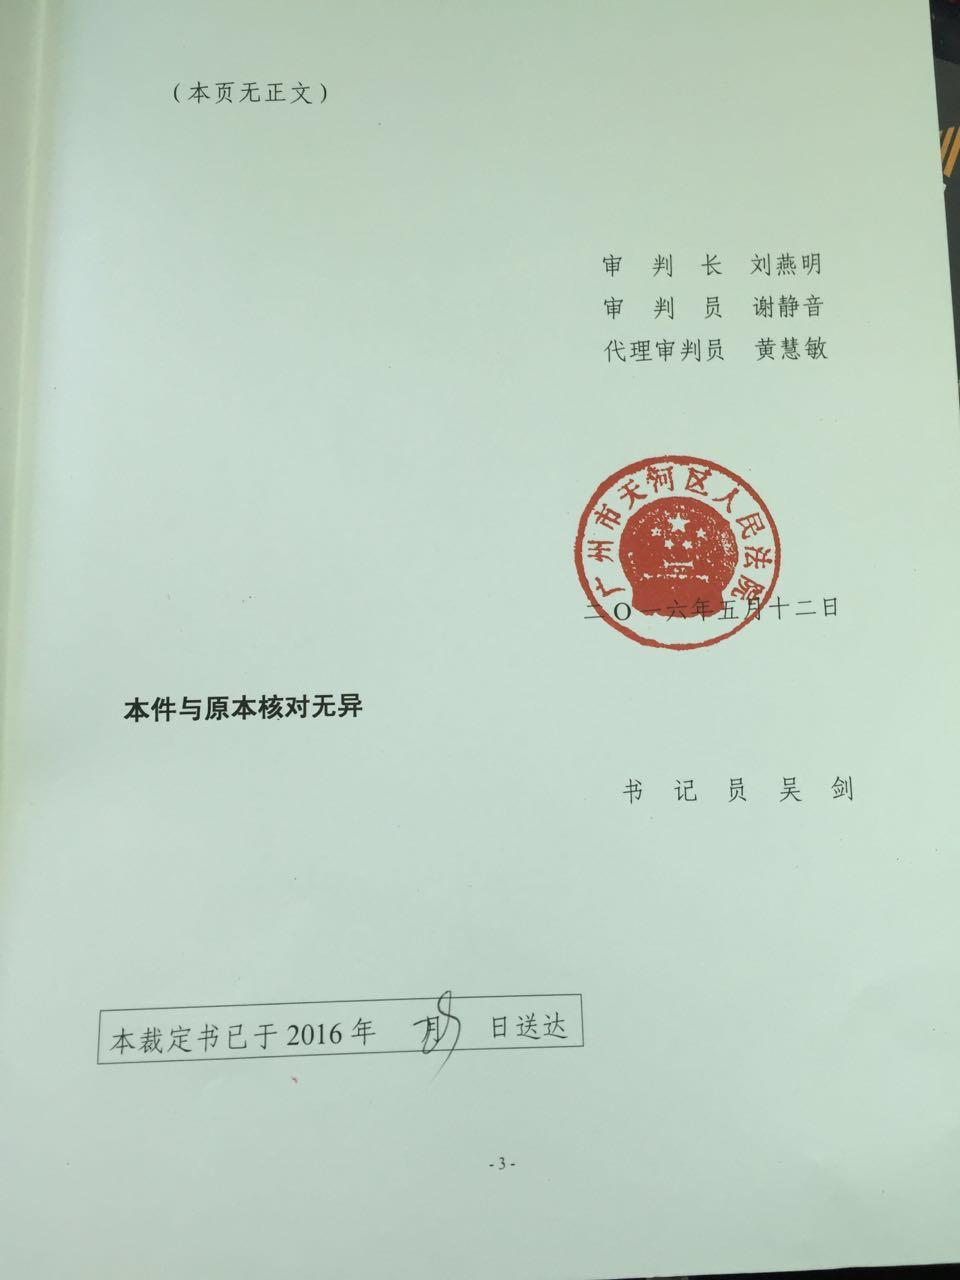 廣州市天河區人民法院民事裁定書(第3頁)